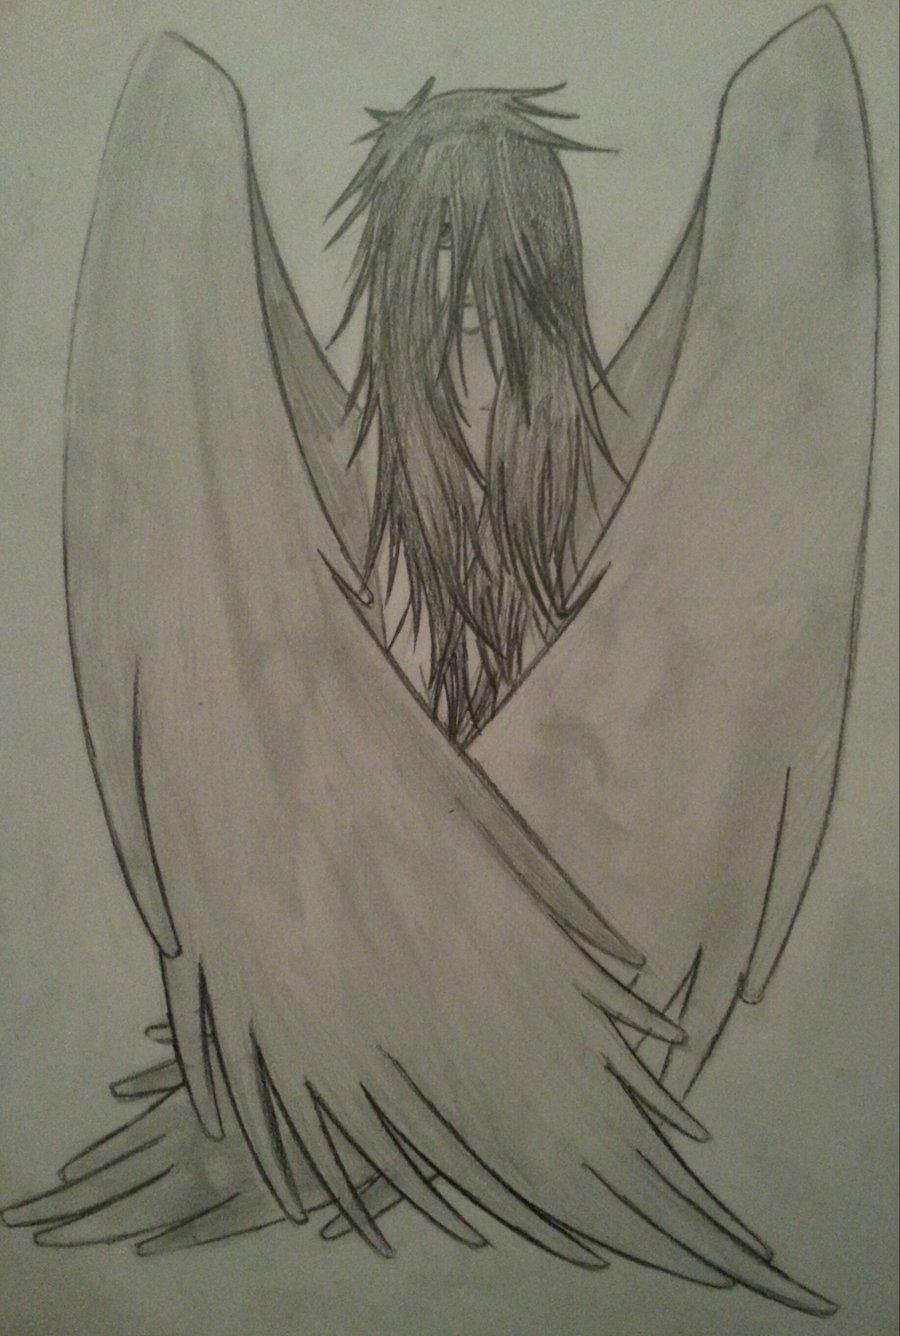 Drawn angel folded wing DannyMacUilliam folded Angel by DannyMacUilliam